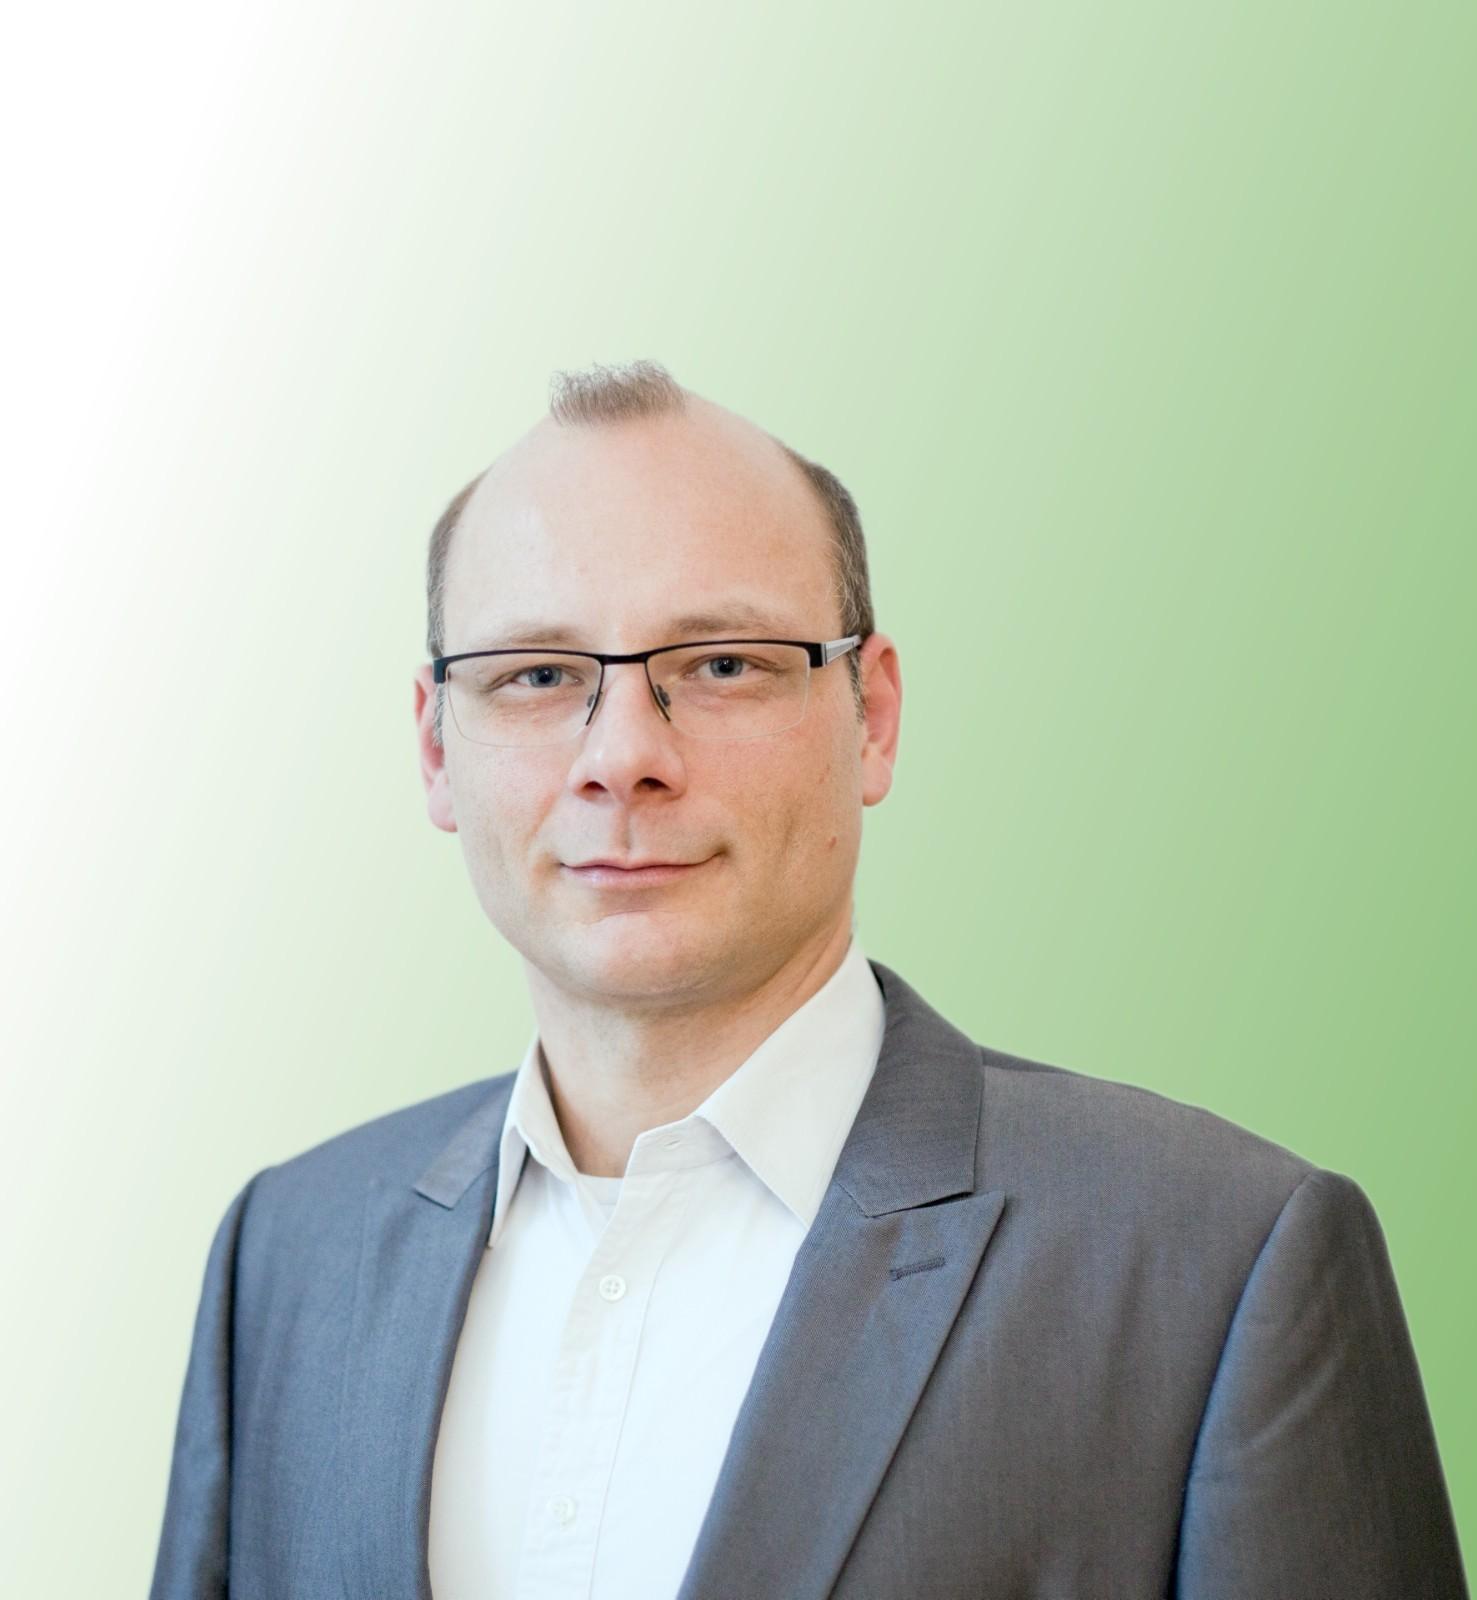 Jürgen Friedmann